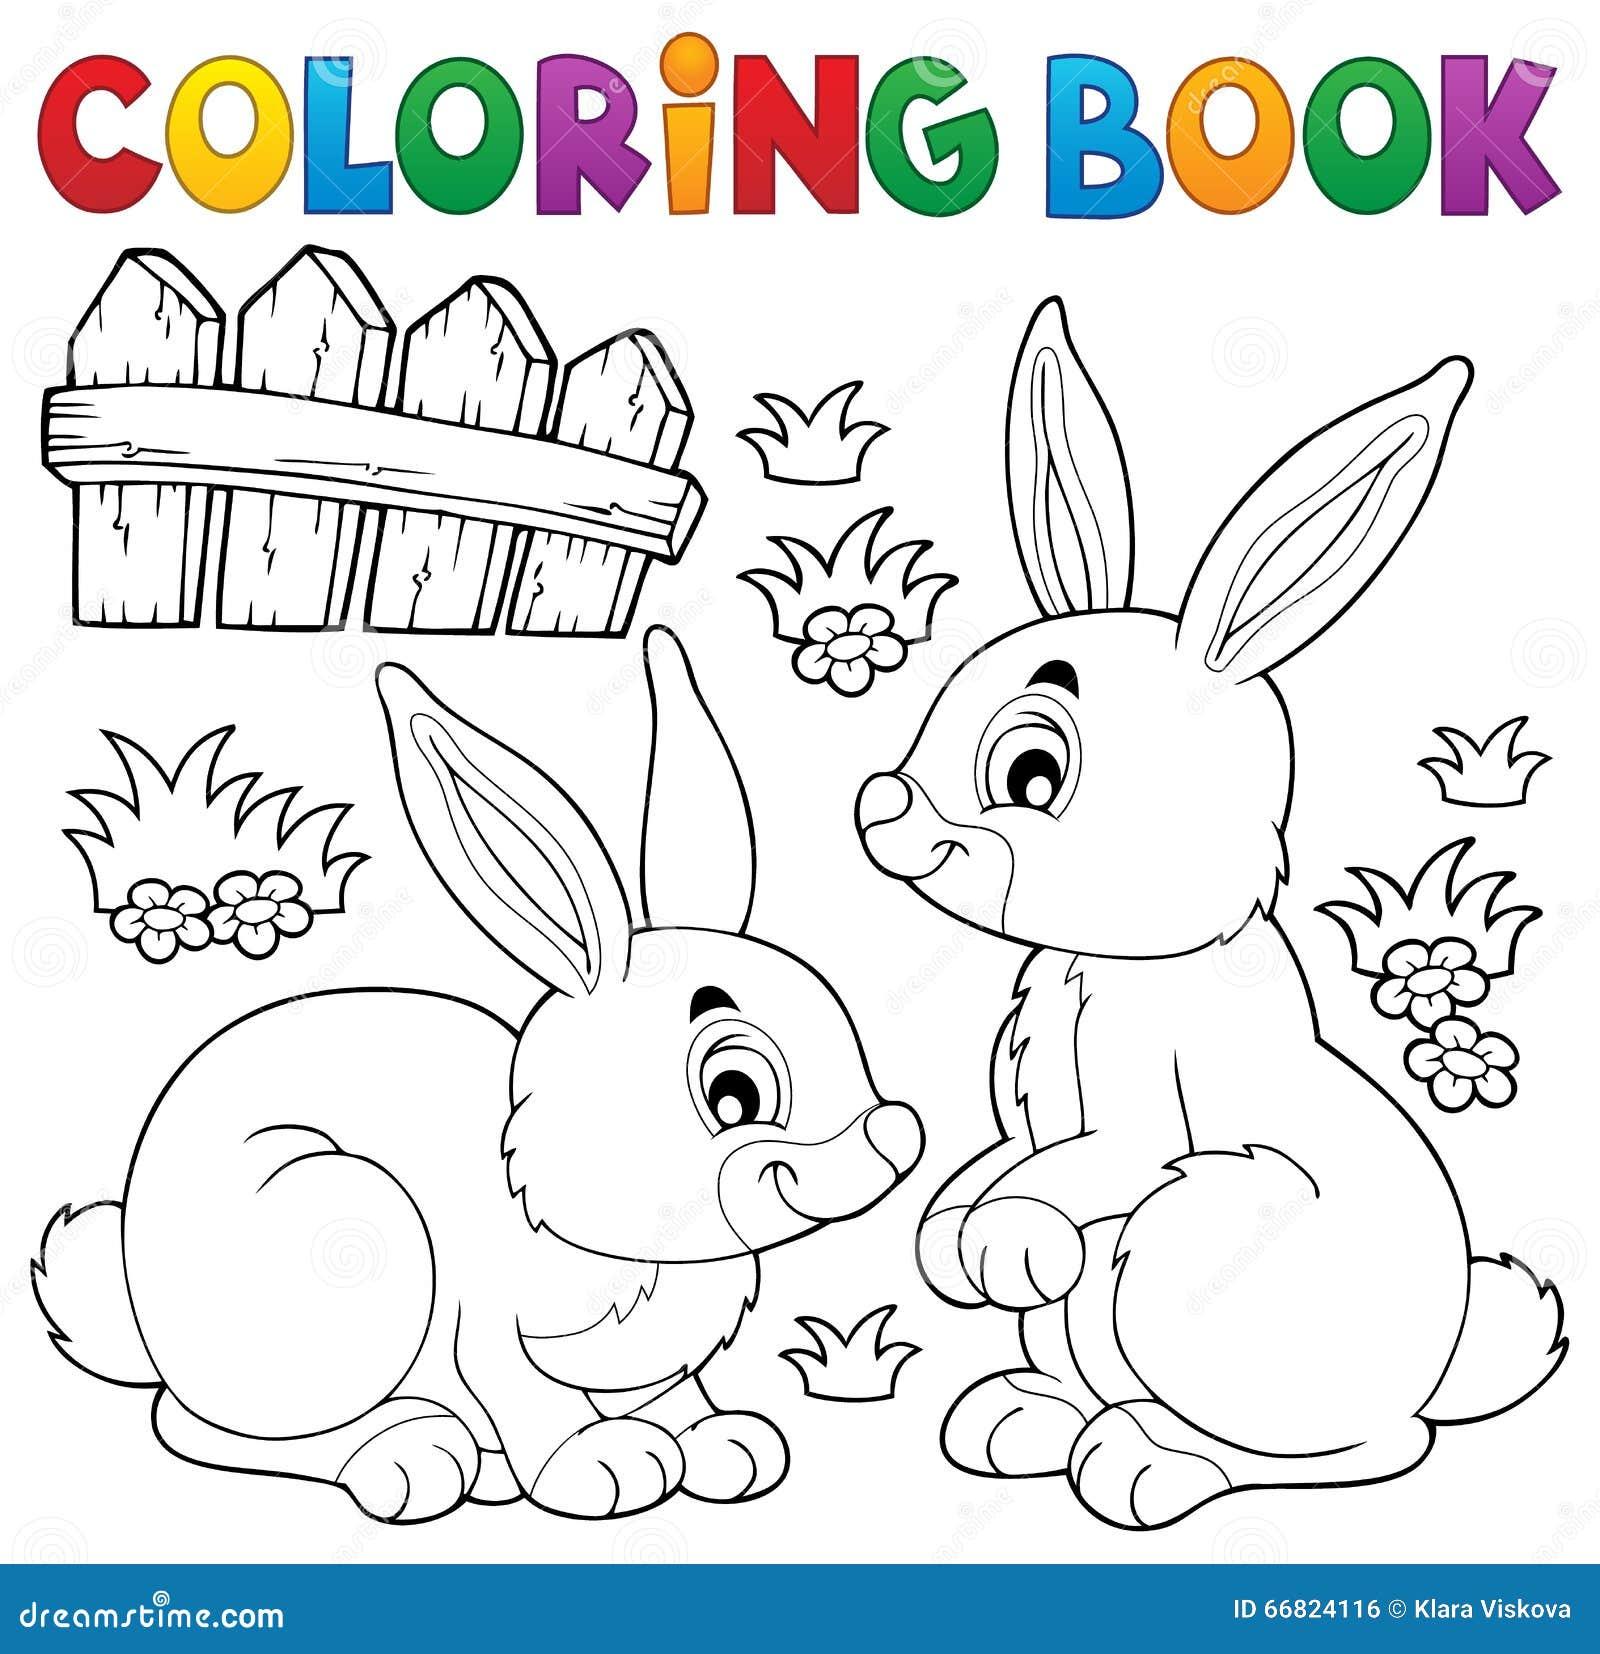 Color book rabbit - Rabbit Coloring Book Miakenasnet